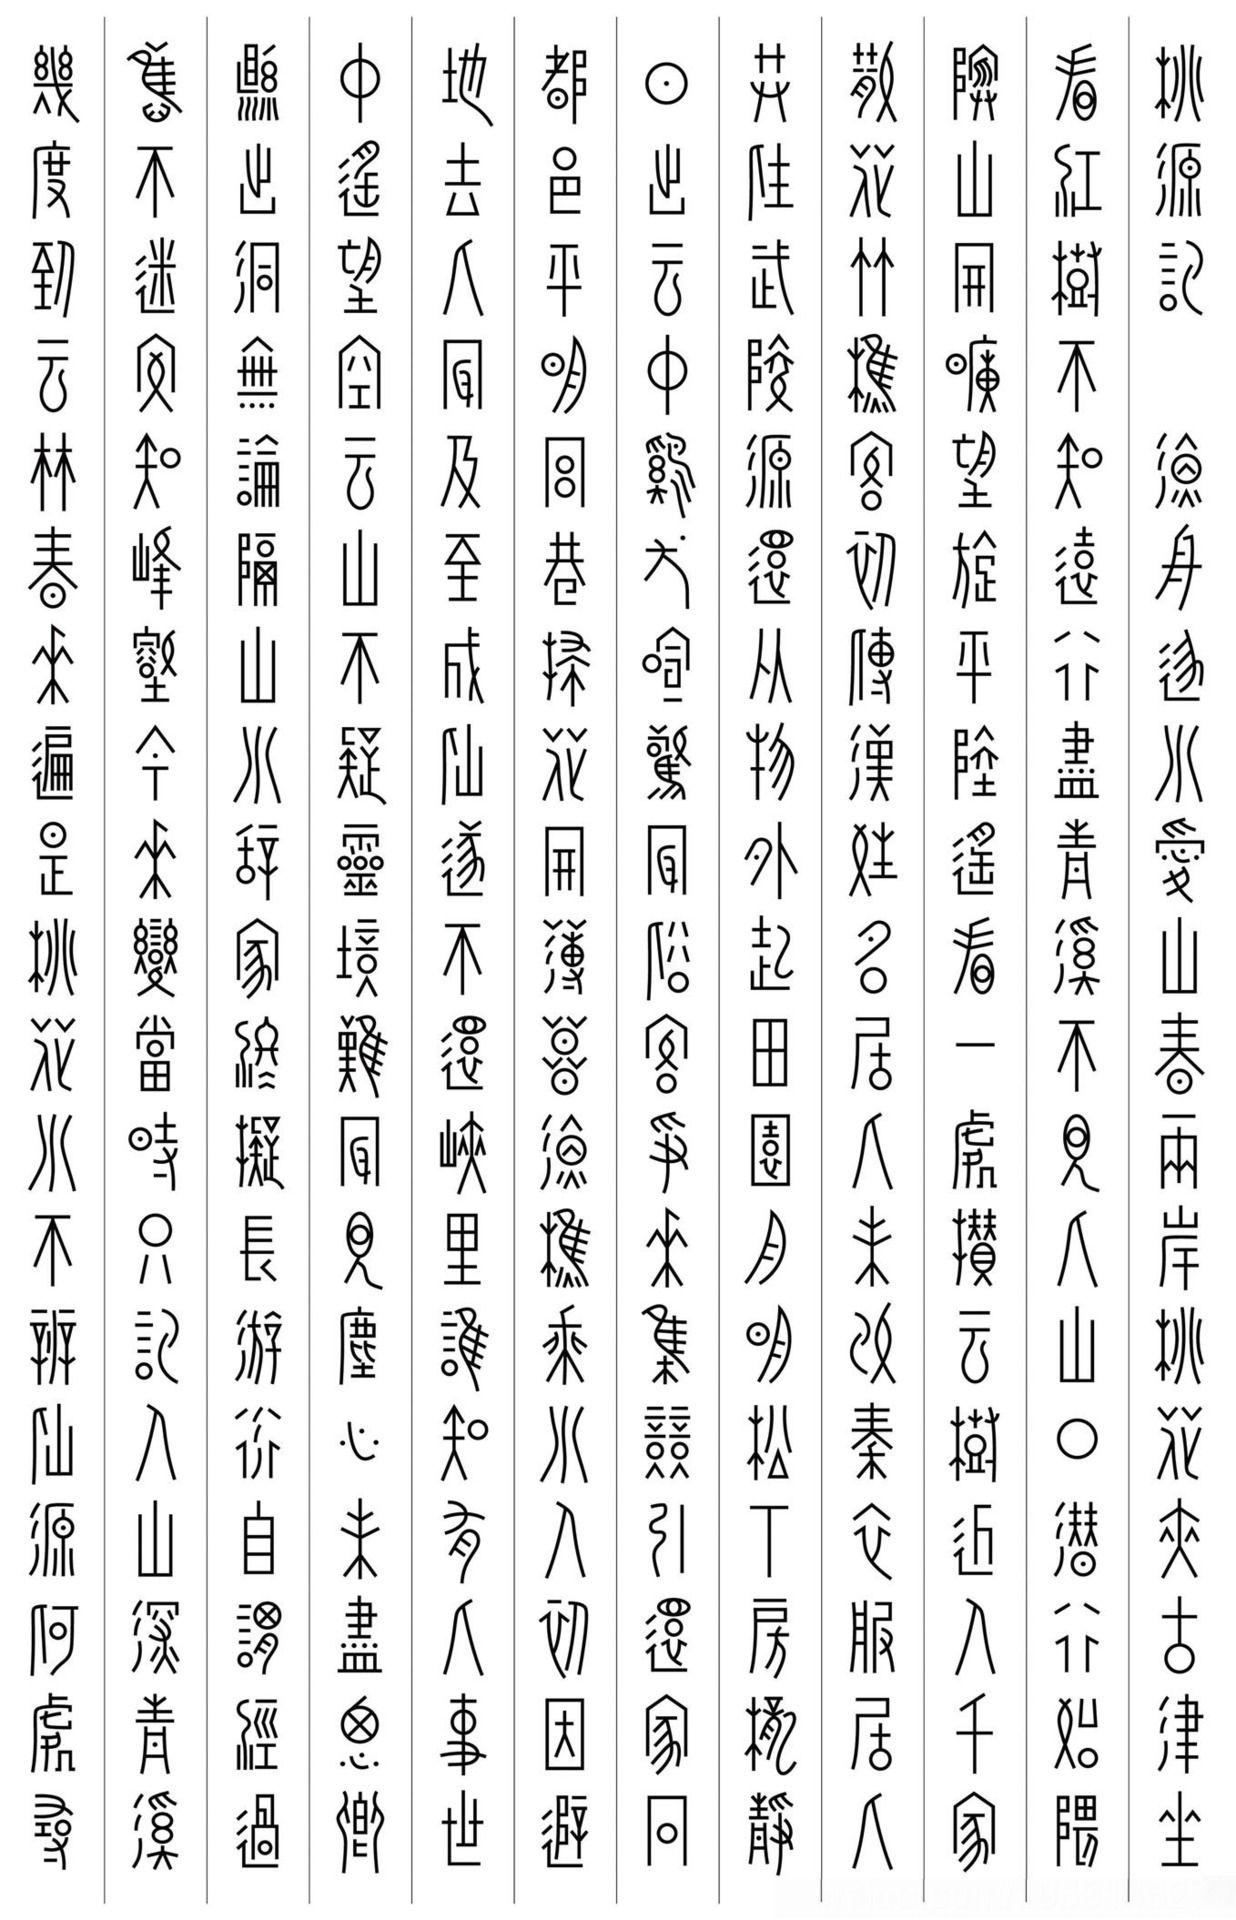 Stuff おしゃれまとめの人気アイデア Pinterest 宇璿 江 毛筆 フォント ロゴ フォント タイポグラフィー